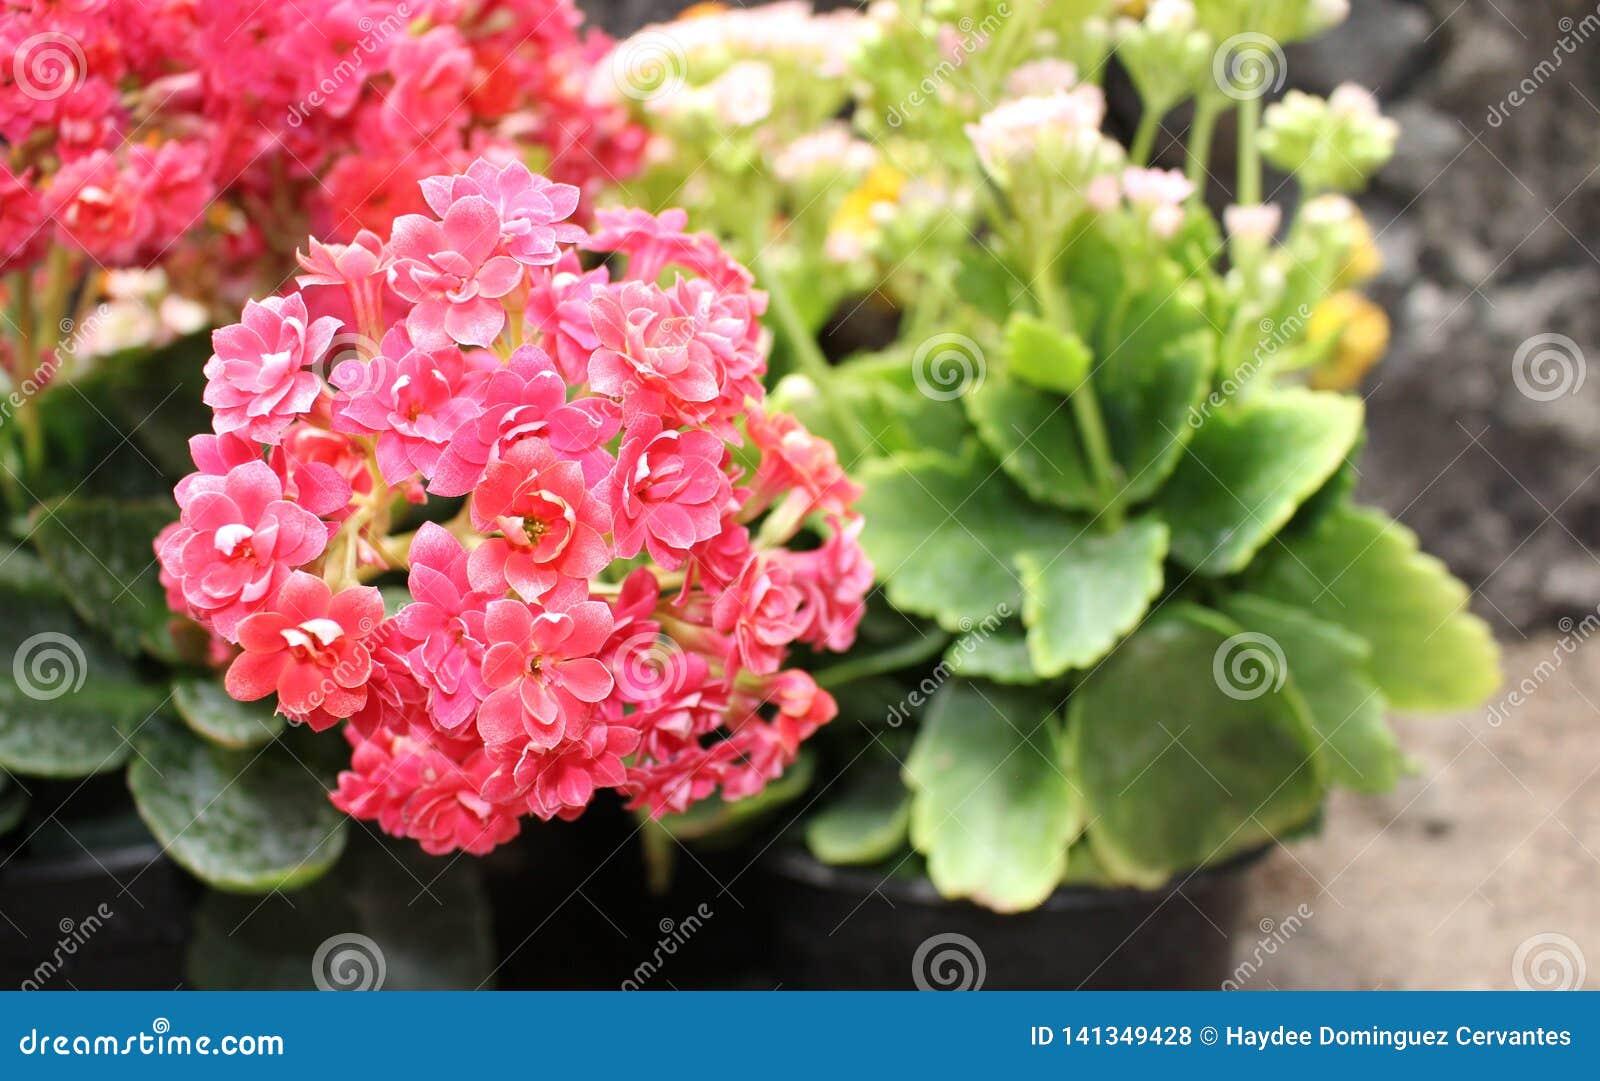 Ramo de flores minúsculas de la planta del kalanchoe